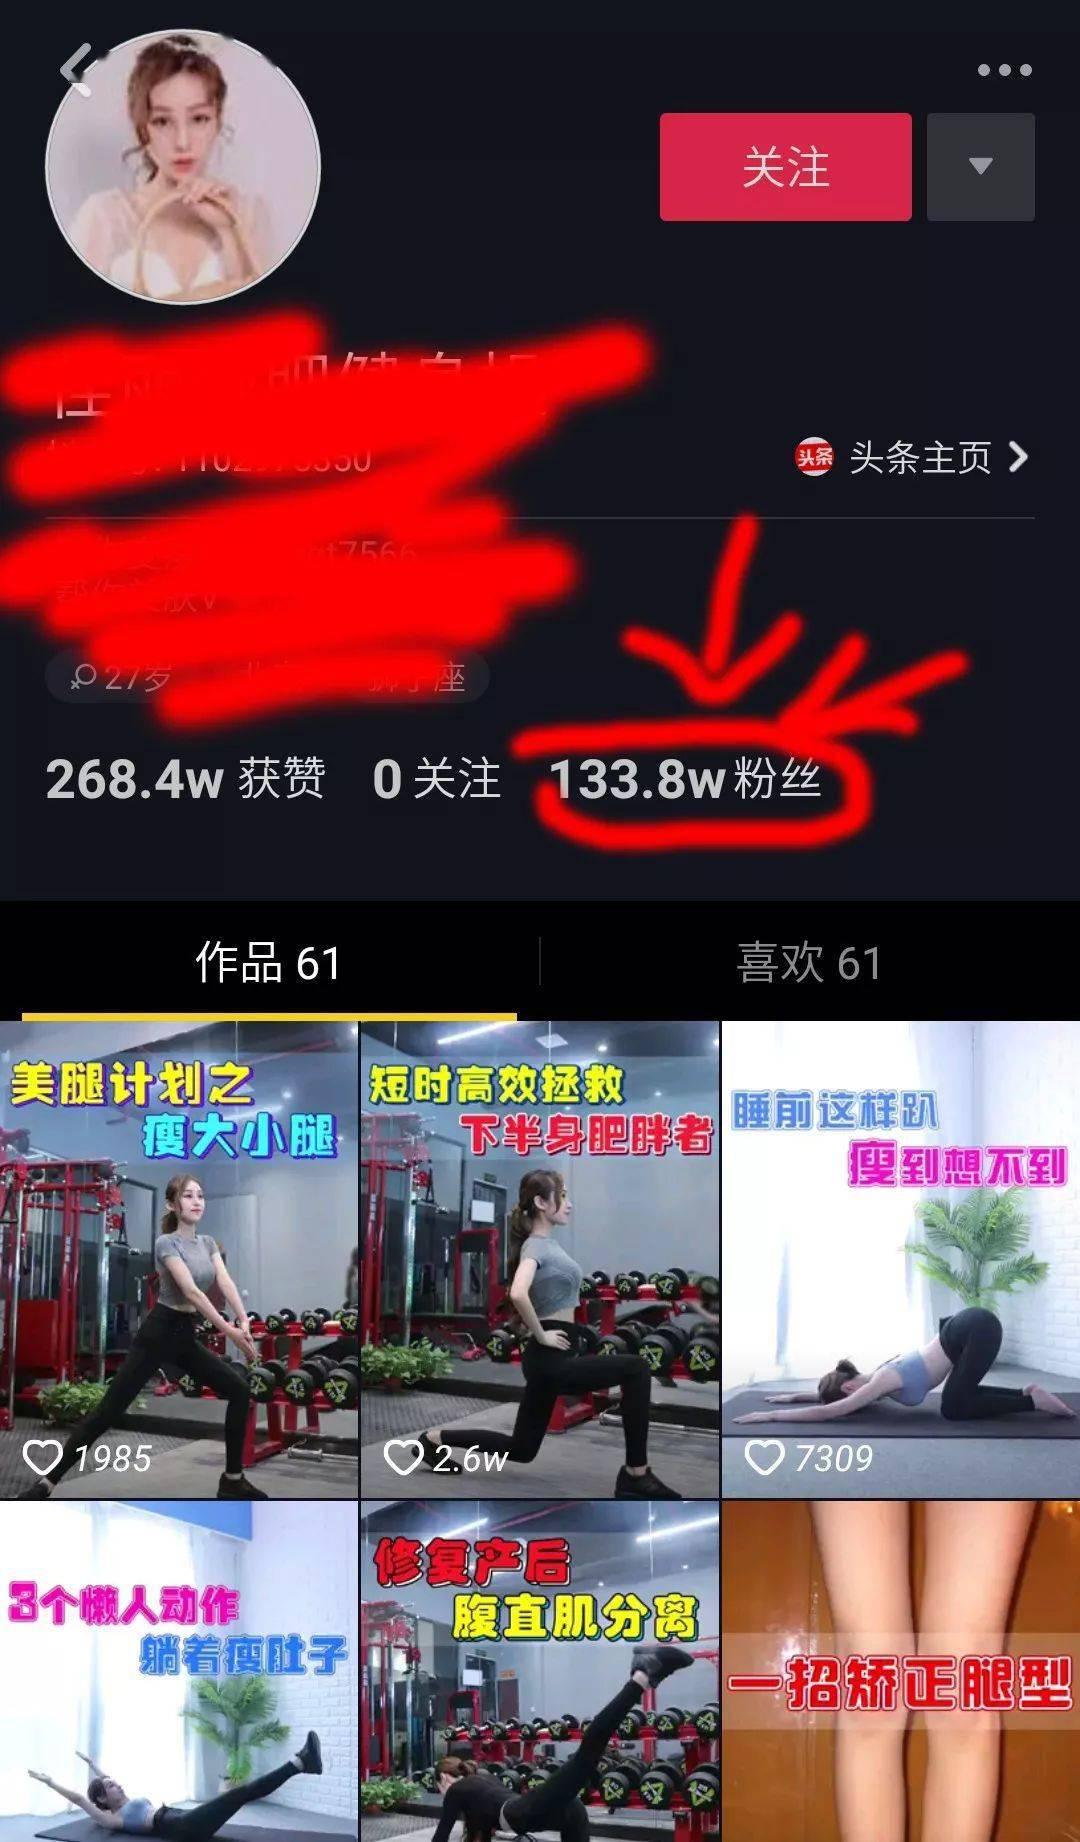 网红式健身,坑了多少中国姑娘?!!